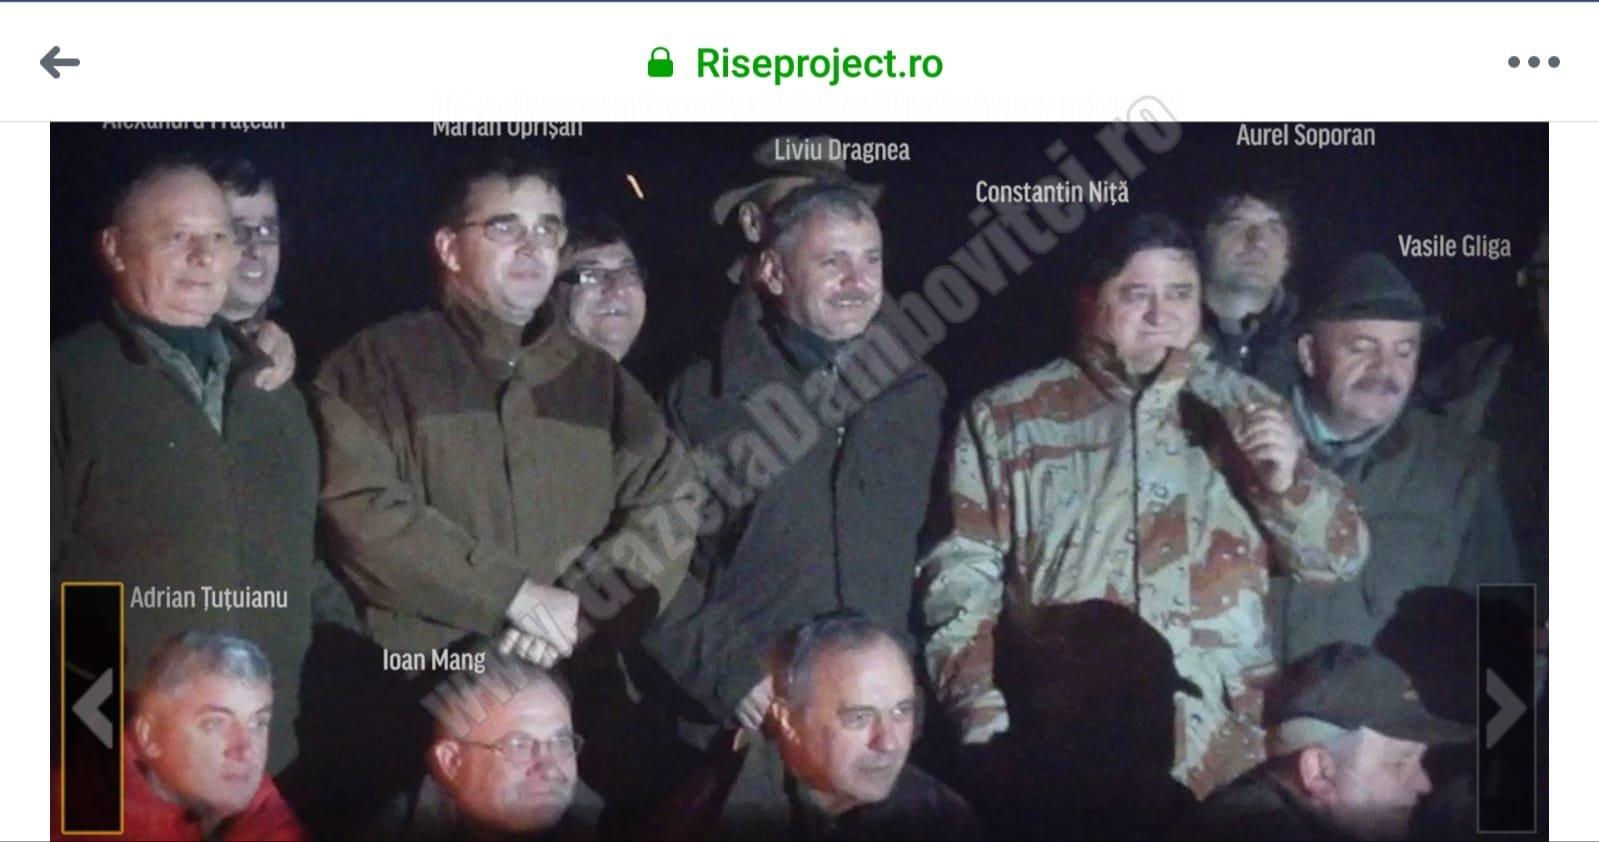 COINCIDENȚĂ? Tel Drum a obținut un contract generos în Dâmbovița, după vânătoarea la care a luat parte și